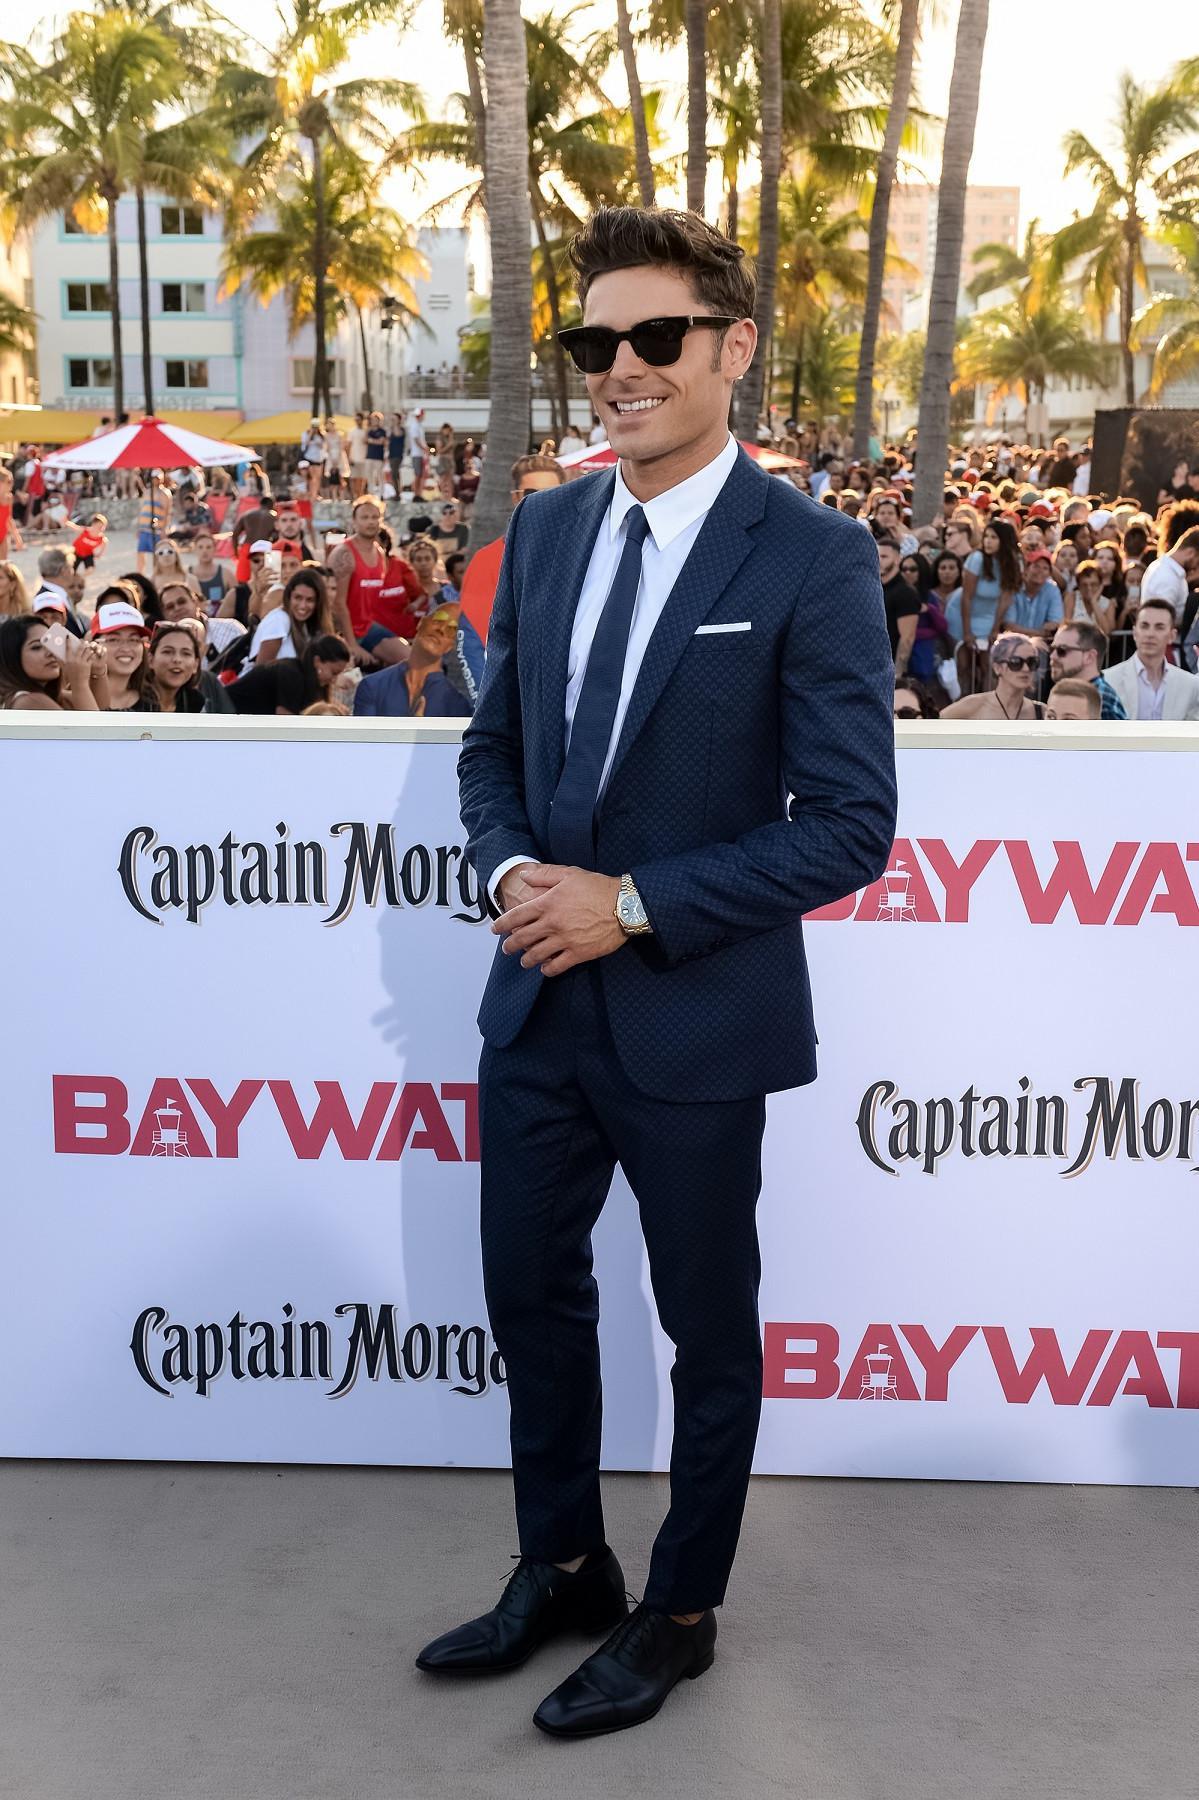 Dalam balutan jas HUGO BOSS, Zac Efron tampil memukau saat peluncuran film Baywatch beberapa waktu lalu di Miami, Florida. (Foto dok: Hugo Boss)